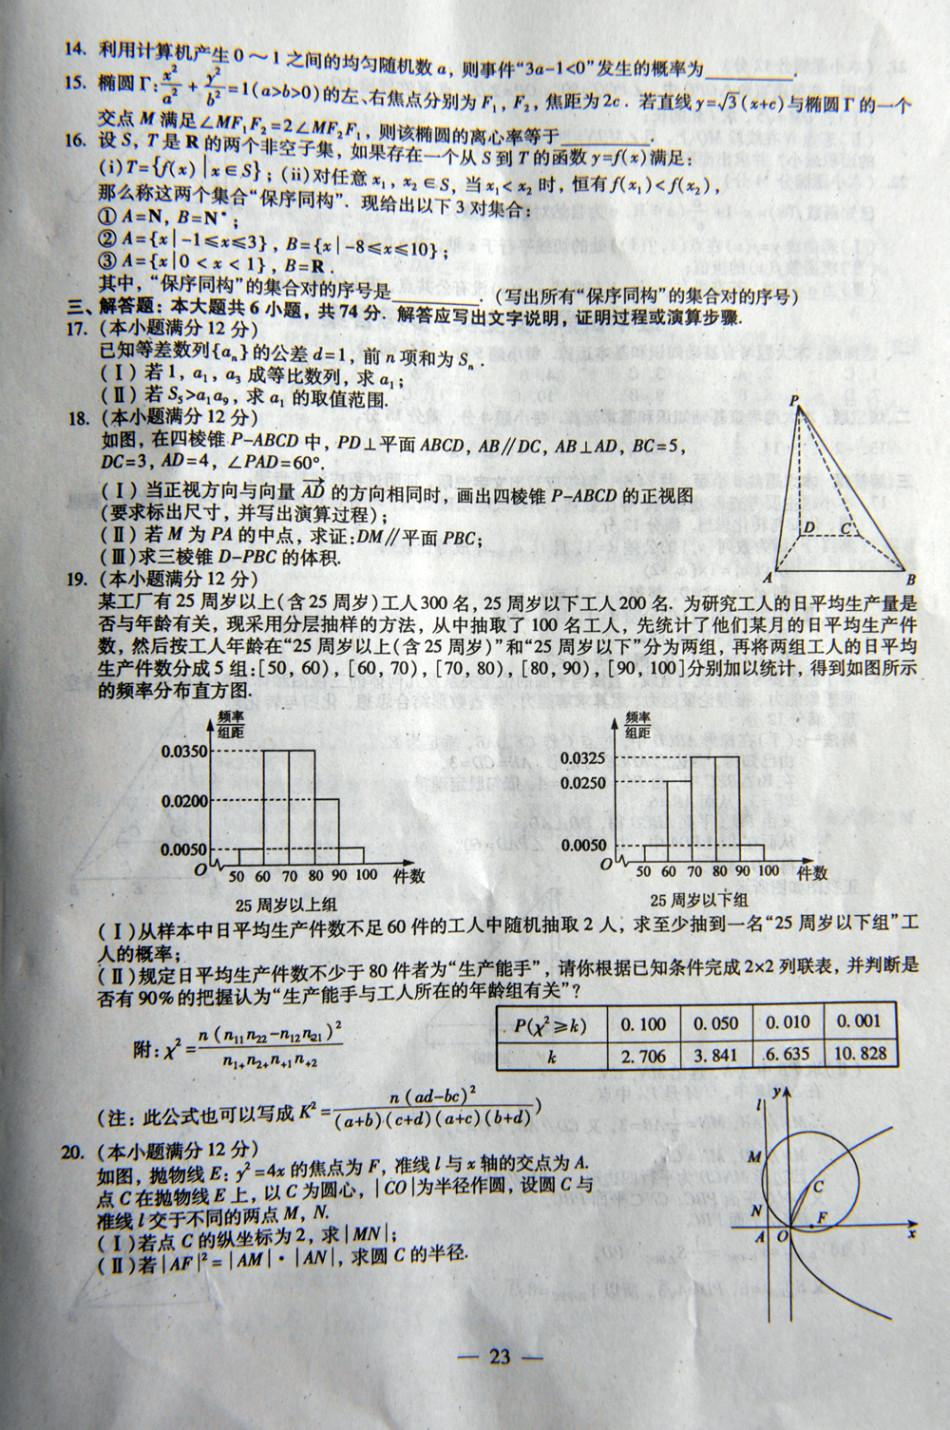 2013福建高考文科数学试卷及答案图片